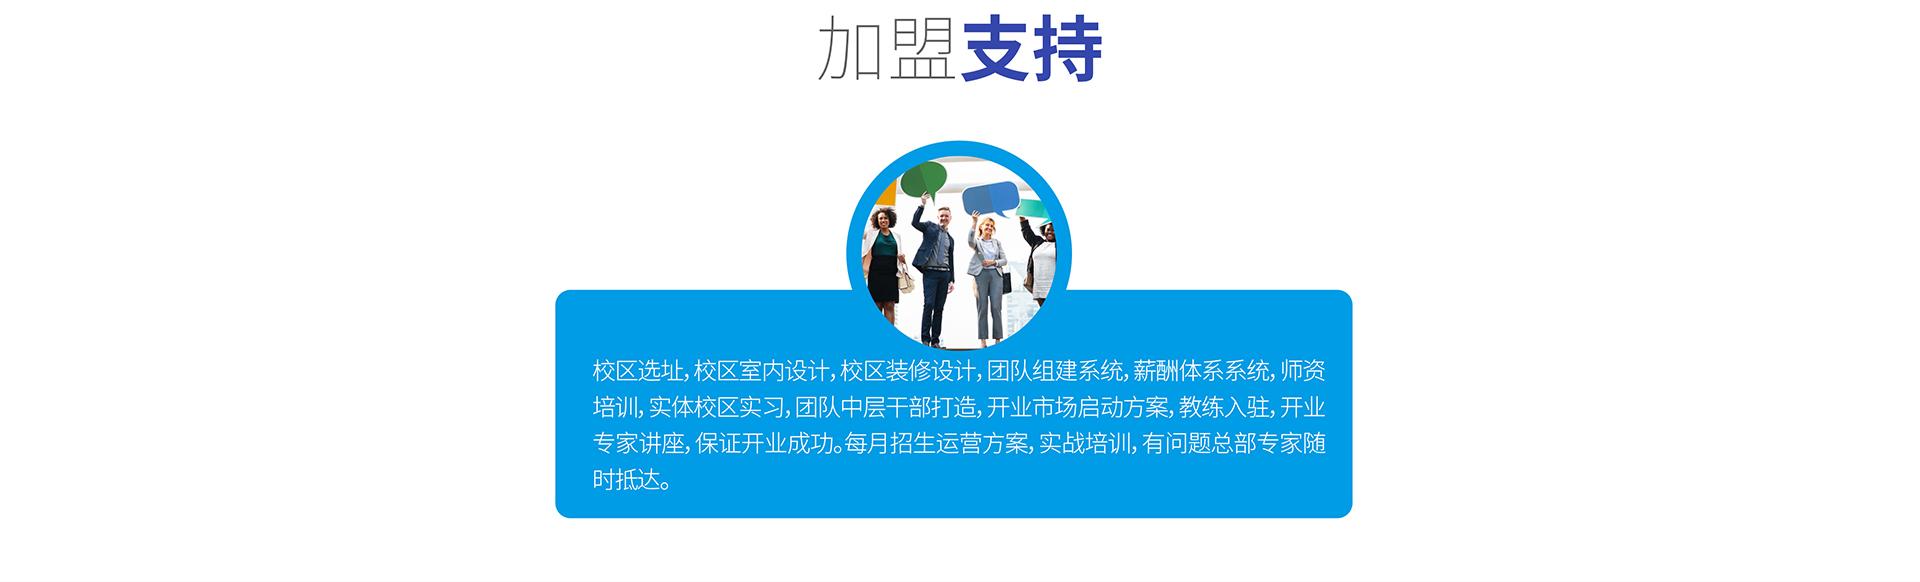 青鸟园丁学习馆qnyd_25